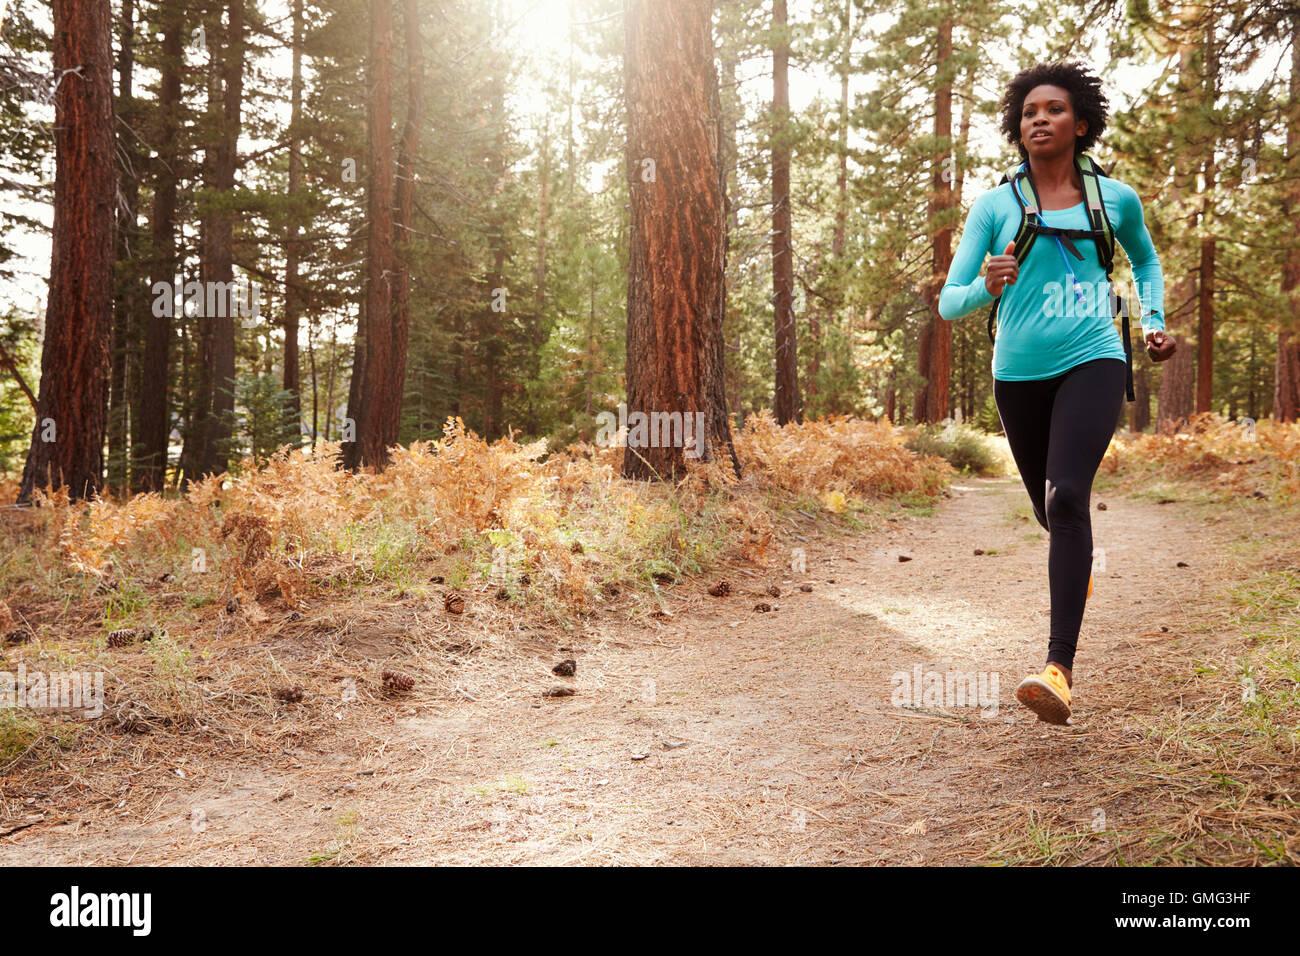 La etnia afroamericana mujer corriendo en un bosque Imagen De Stock